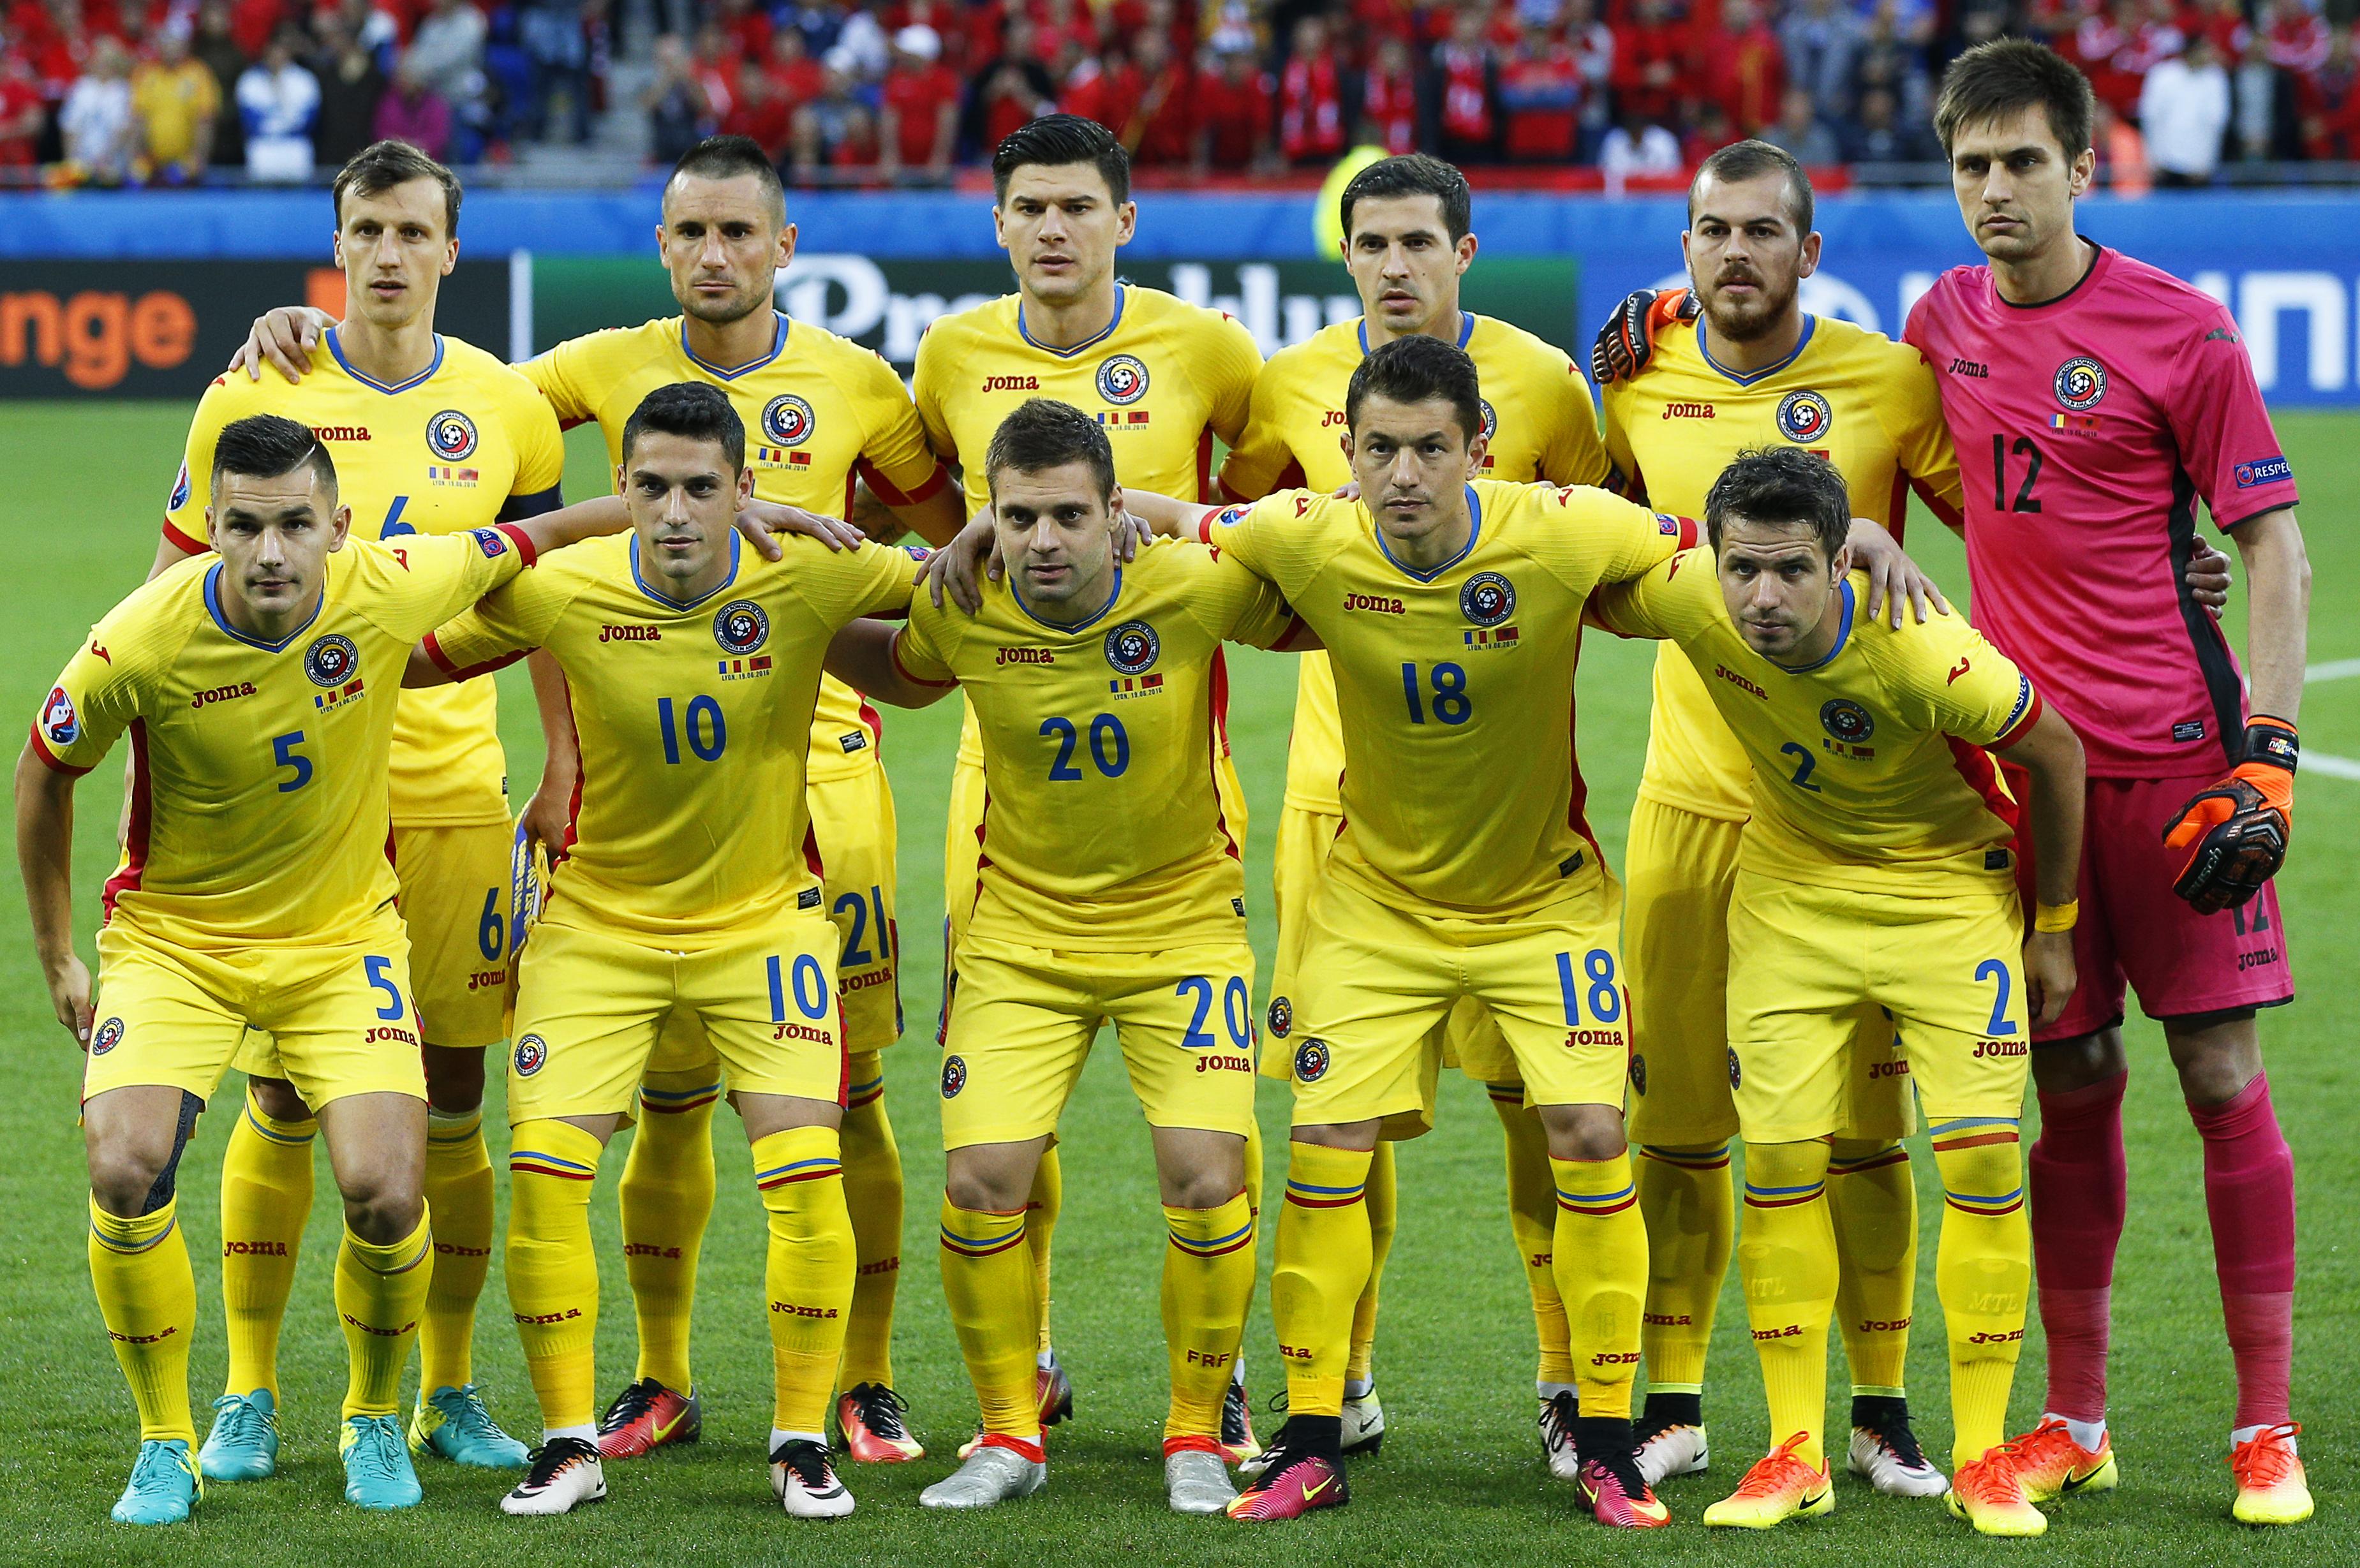 Picaj istoric! Naționala de fotbal a României va fi în urna a 4-a la tragerea pentru preliminariile Euro 2020